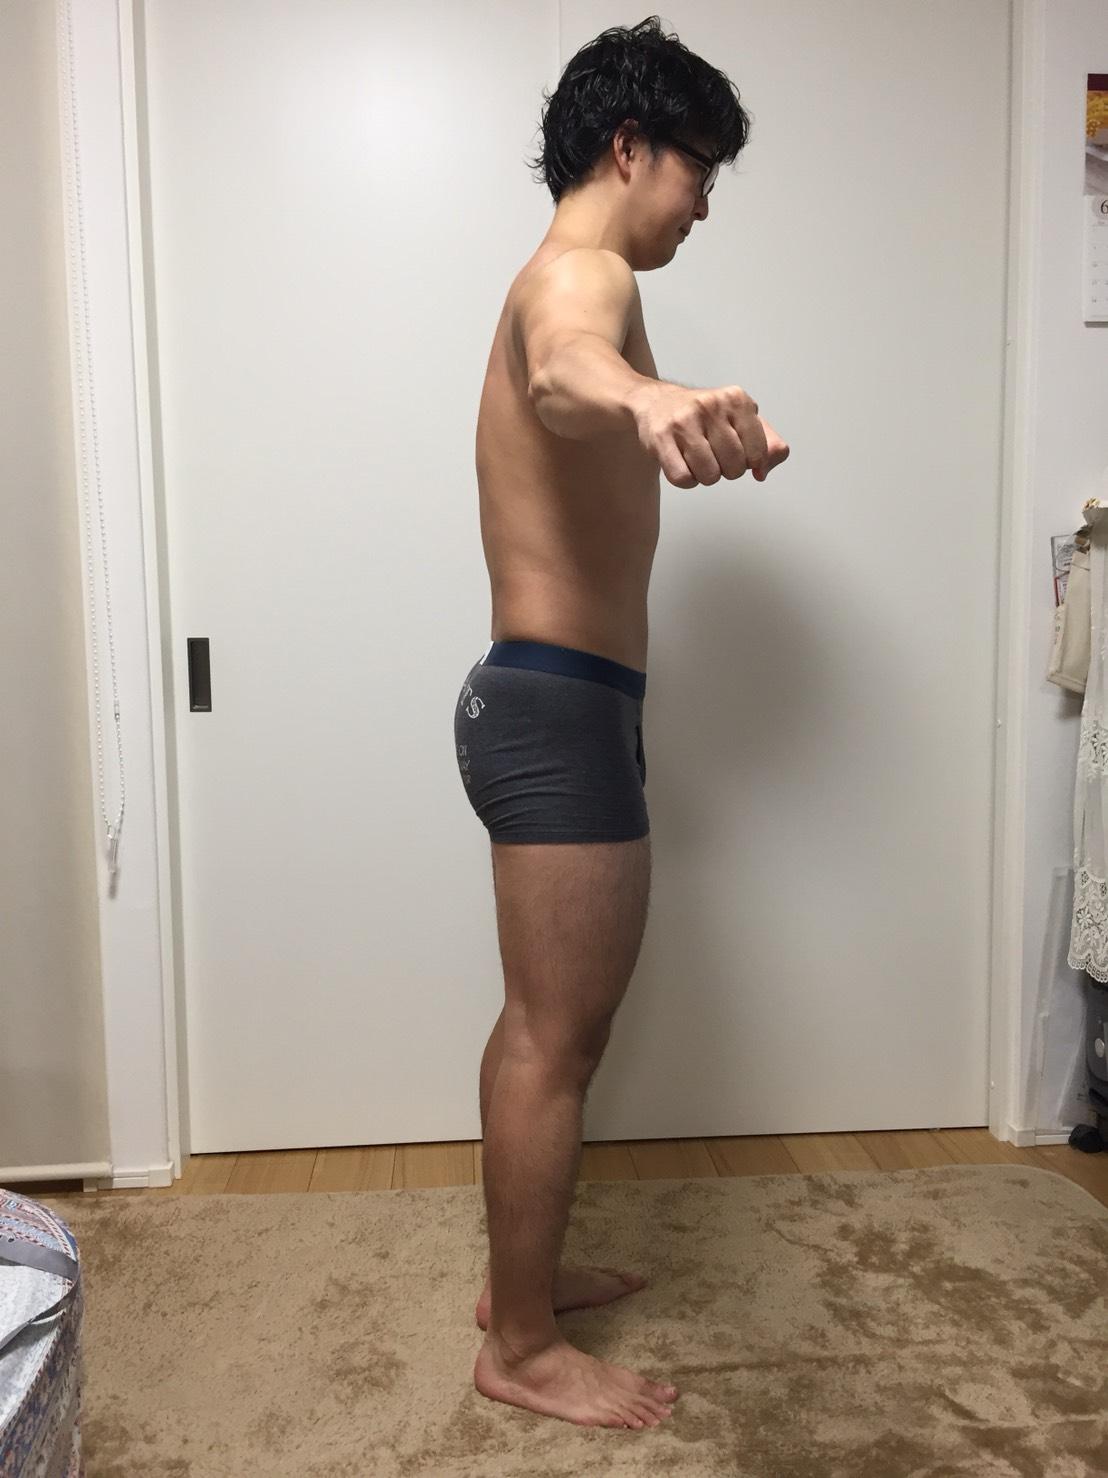 2018年6月24日時点の横からの様子。腕の角度が悪い写真。背中側に脂肪が確認できる。